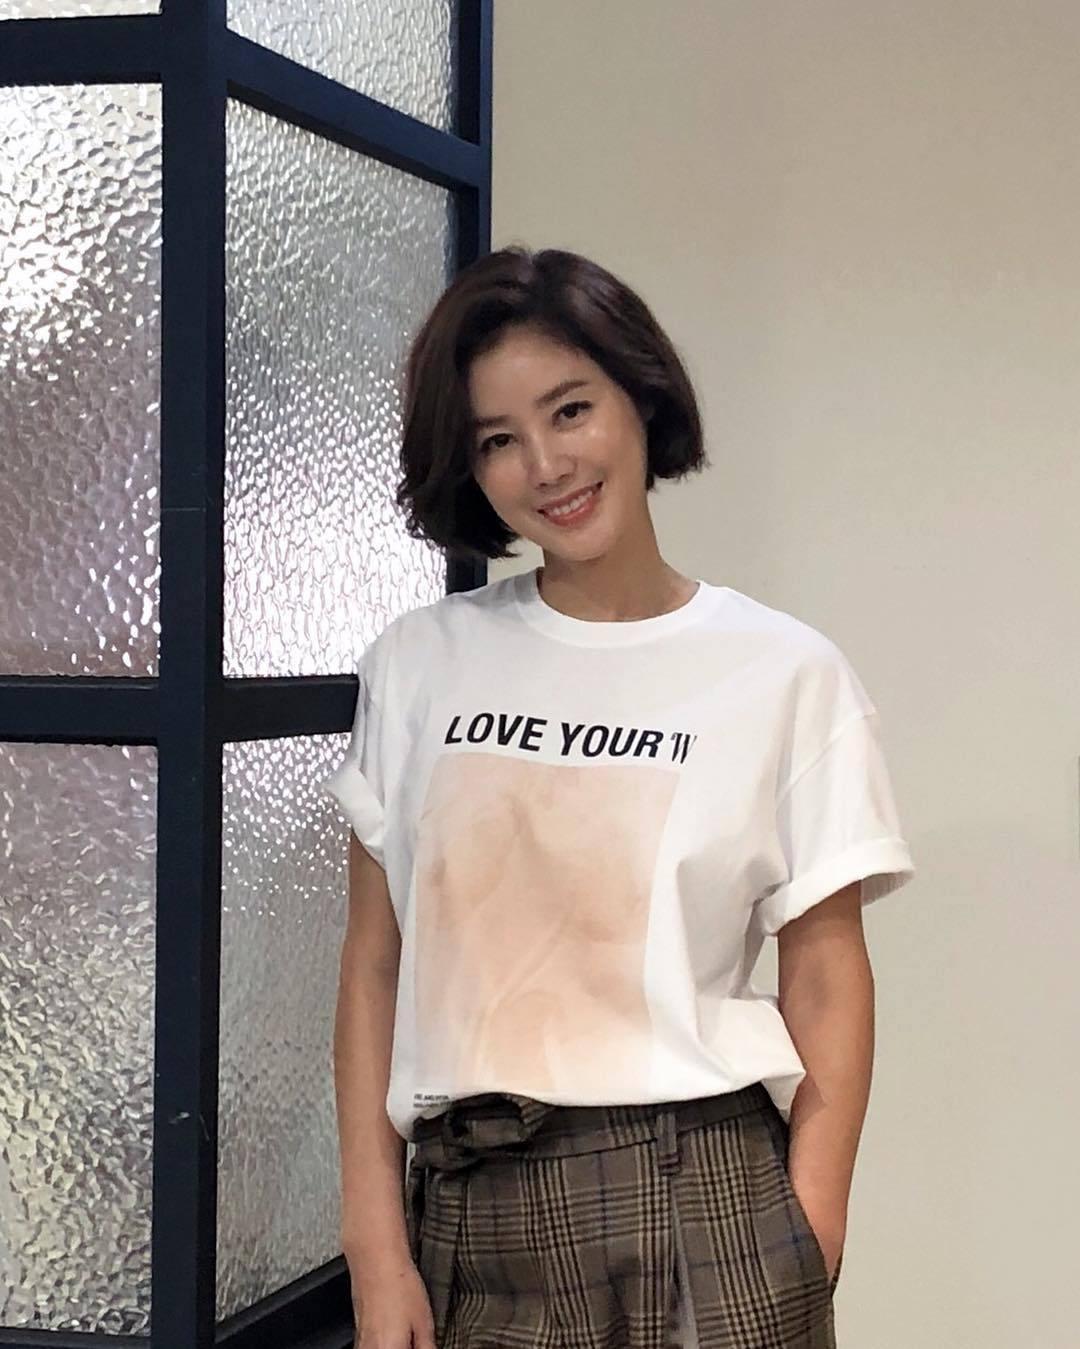 韩国冻龄美女演员当道!除了《夫妻的世界》金喜爱外还有她们!插图(12)